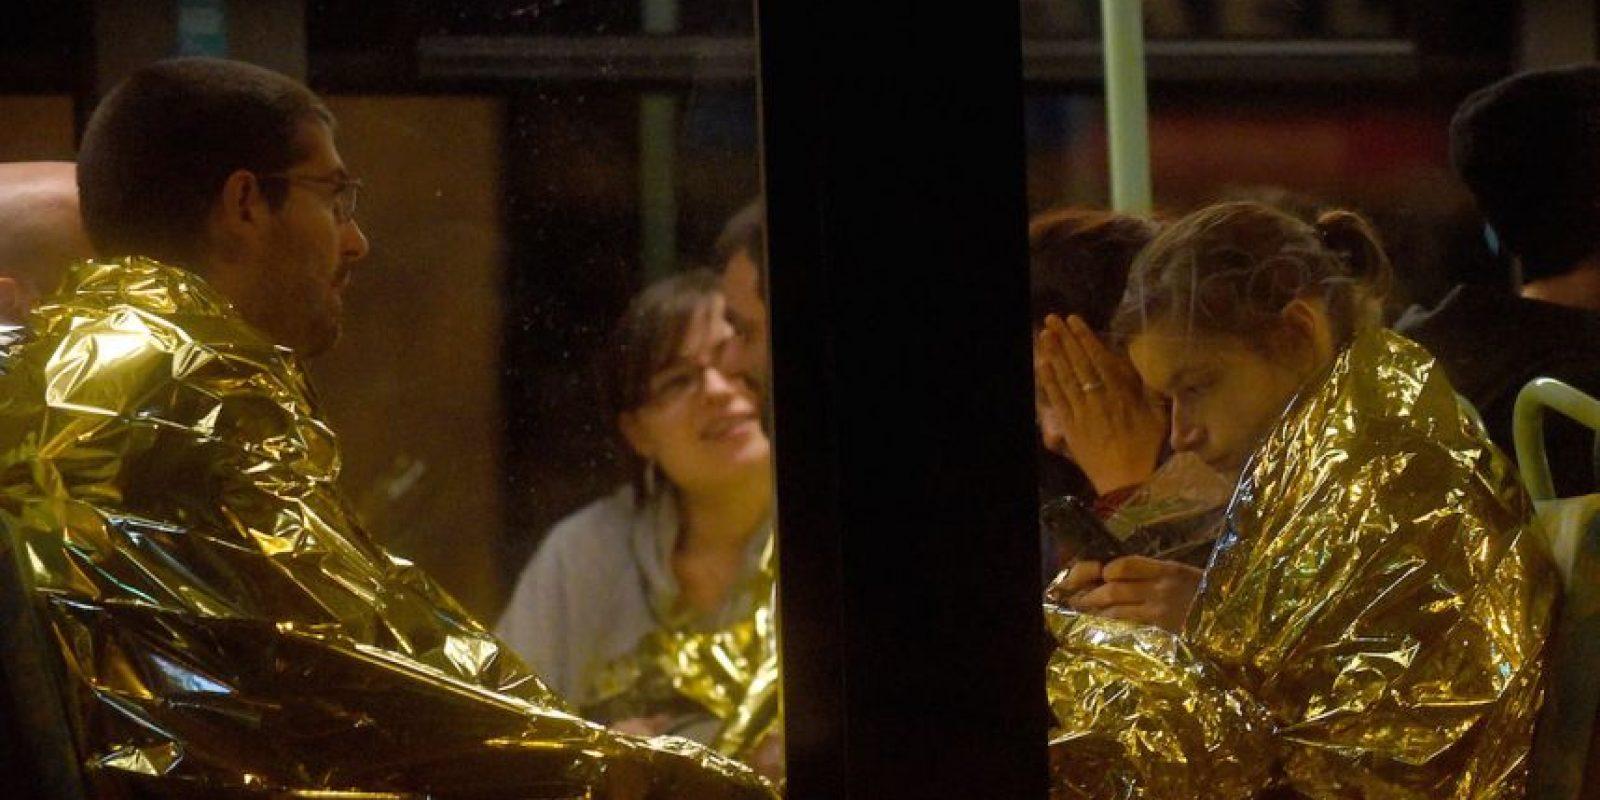 El llamado Estado Islámico atacó diversos puntos de la capital francesa. Foto:Getty Images